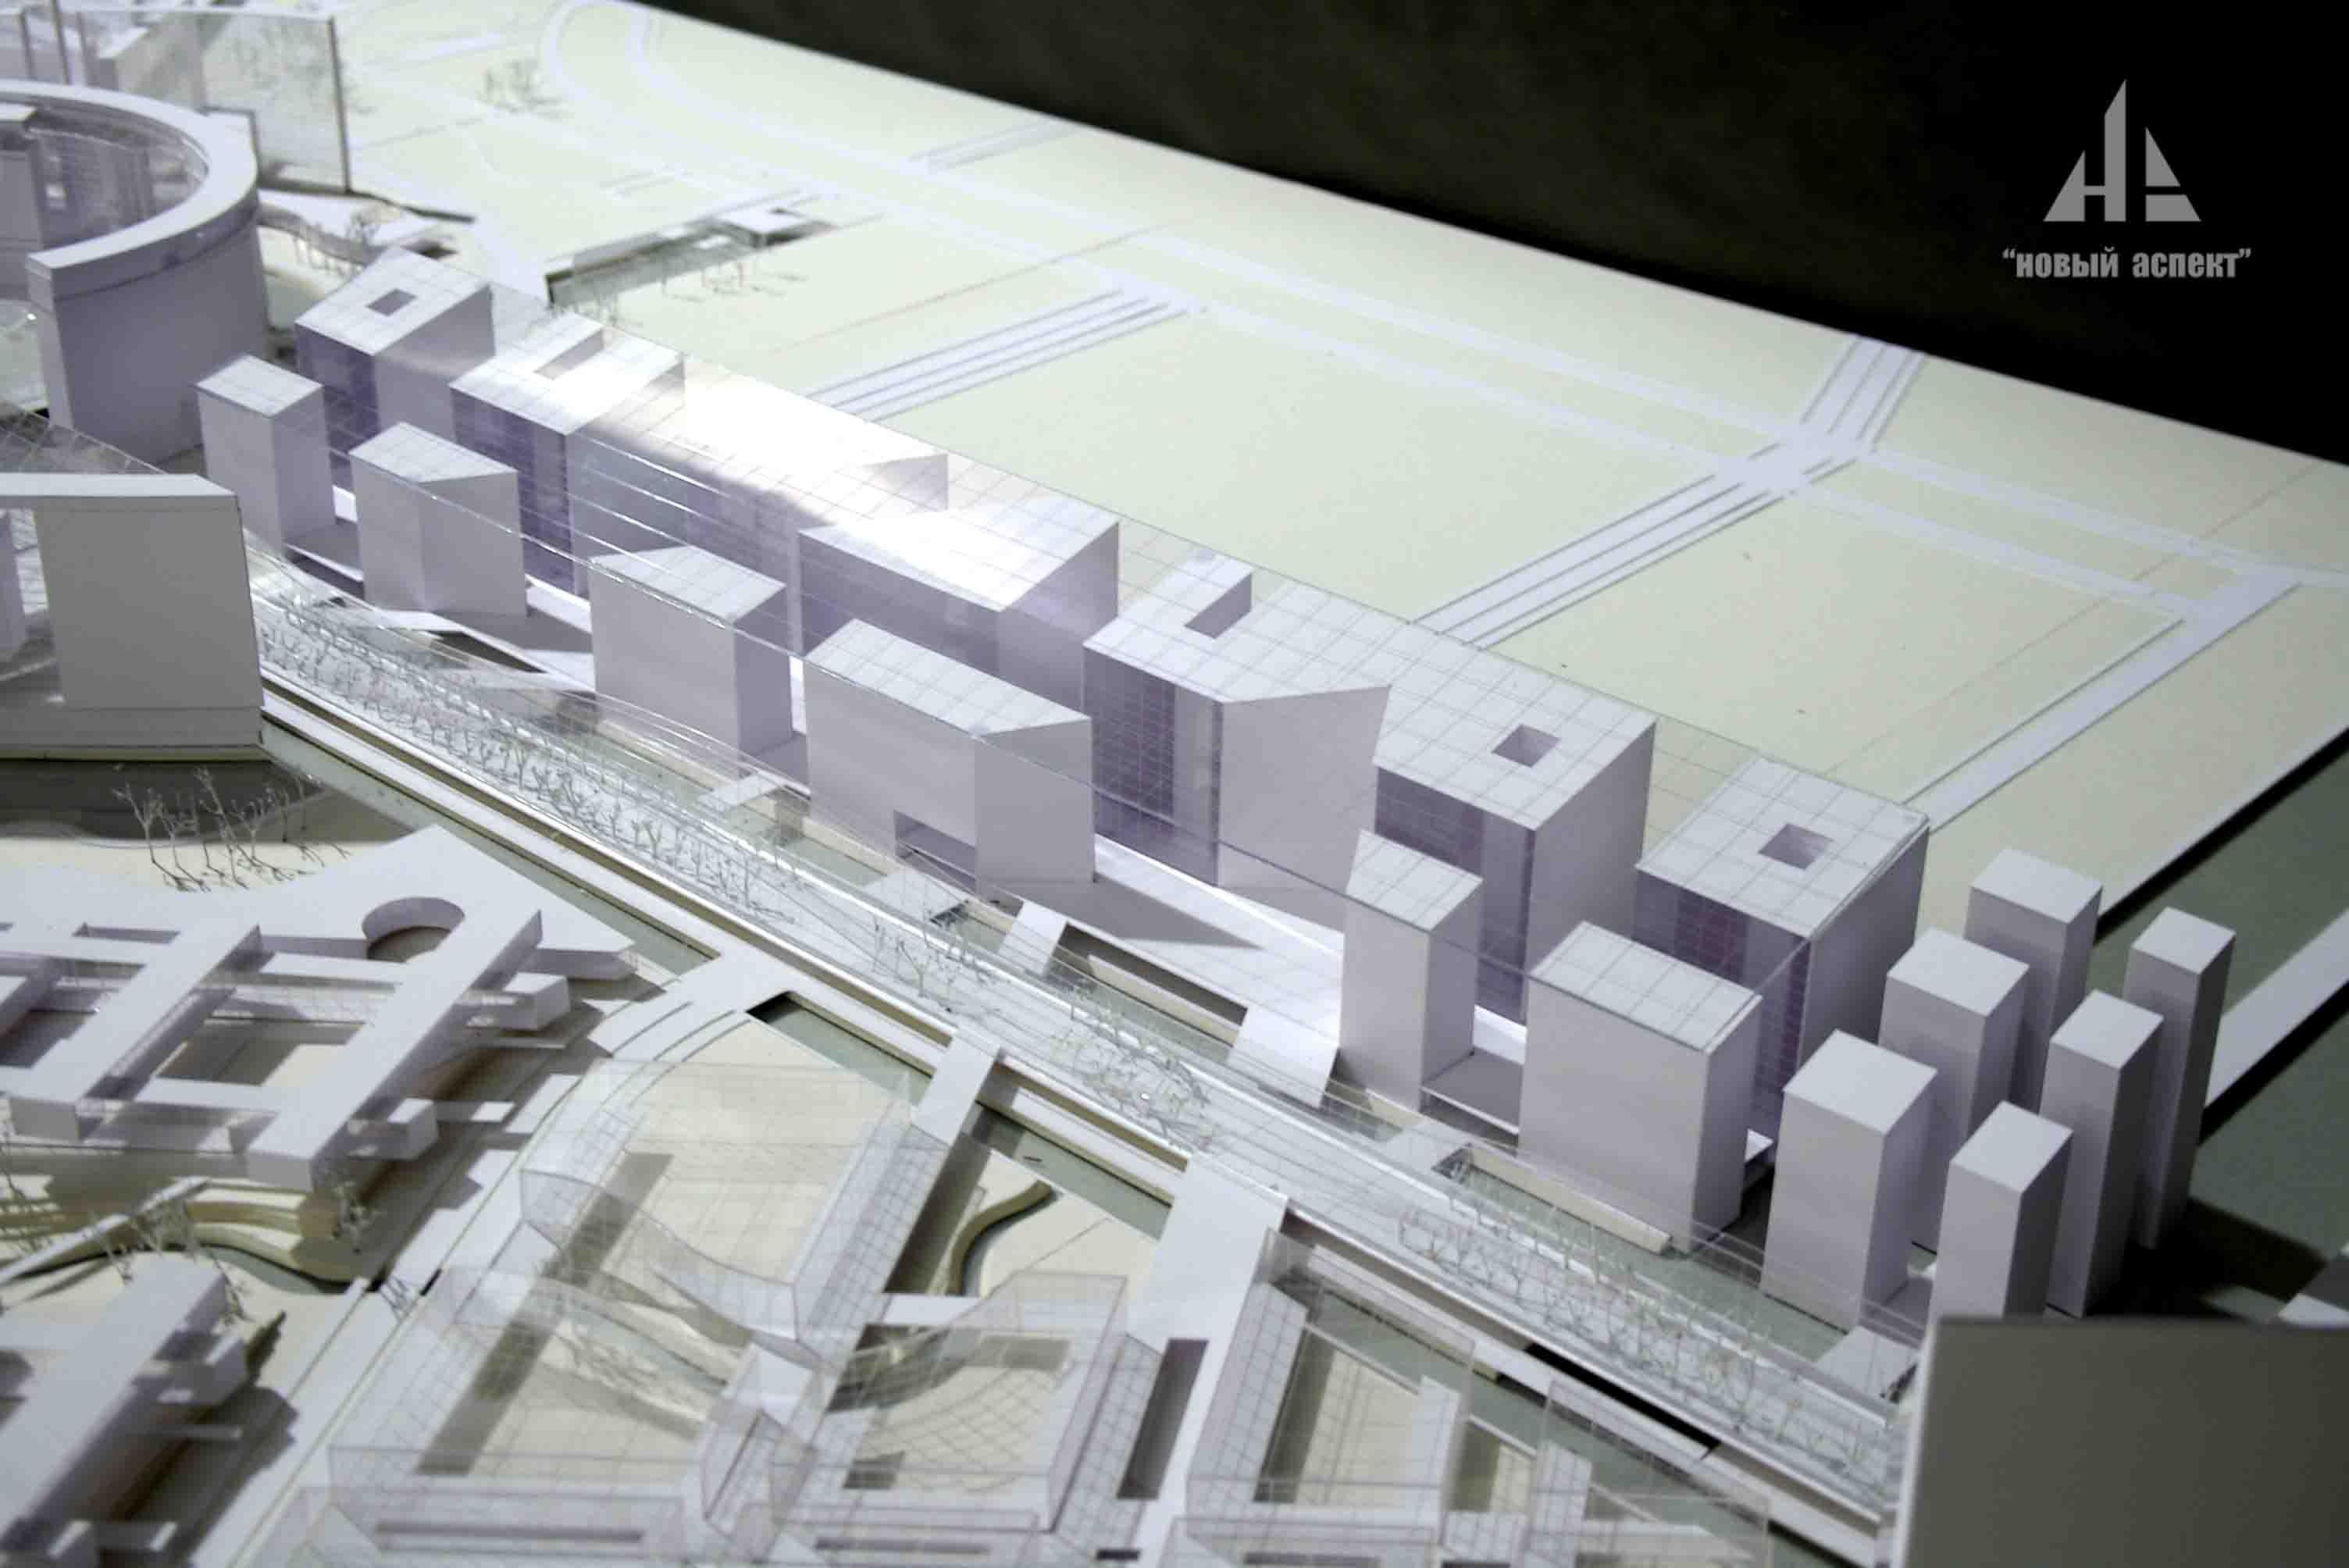 Градостроительные макеты, Балтийская Жемчужина (3)